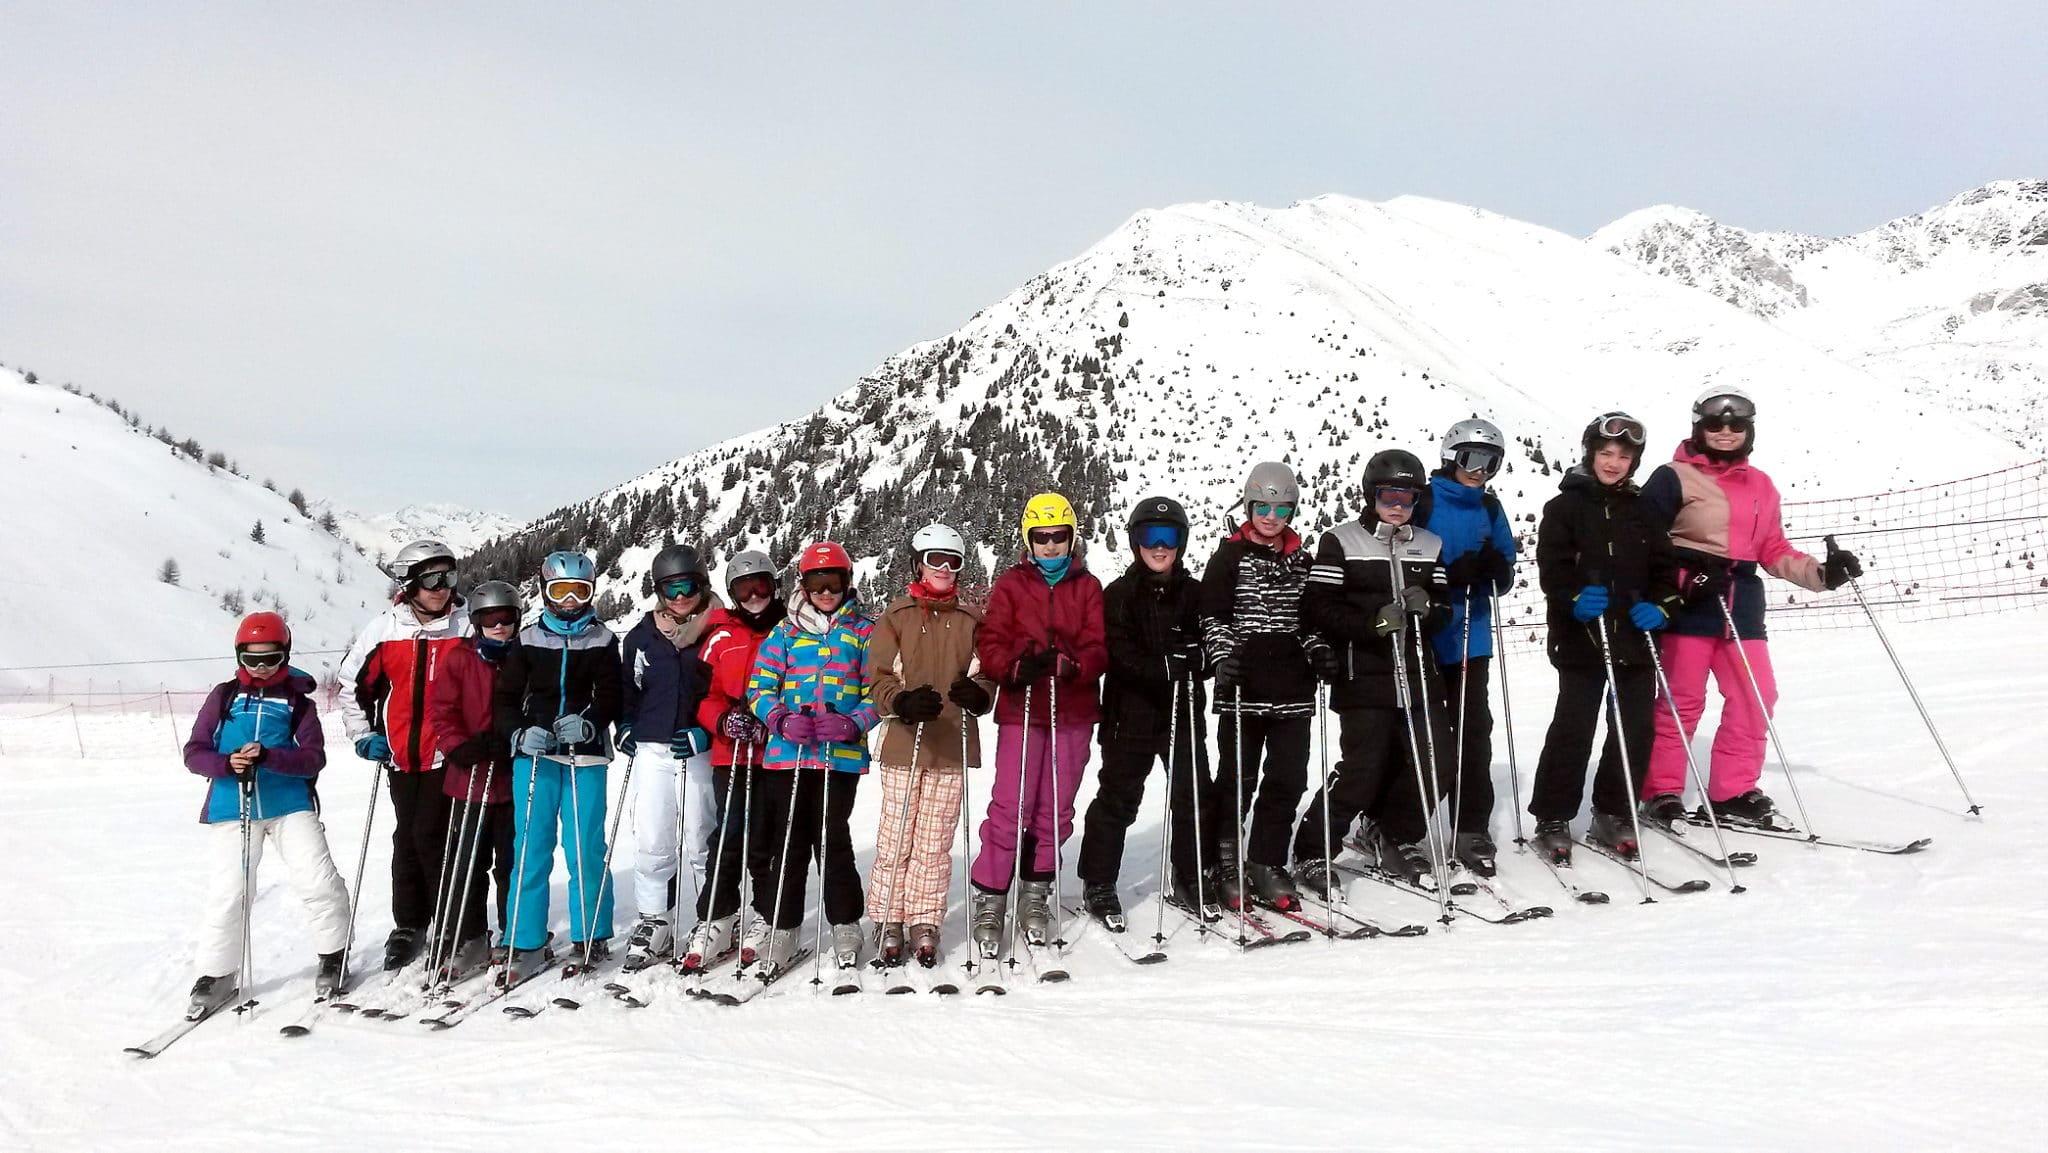 Skilager Gesamtschule Privat